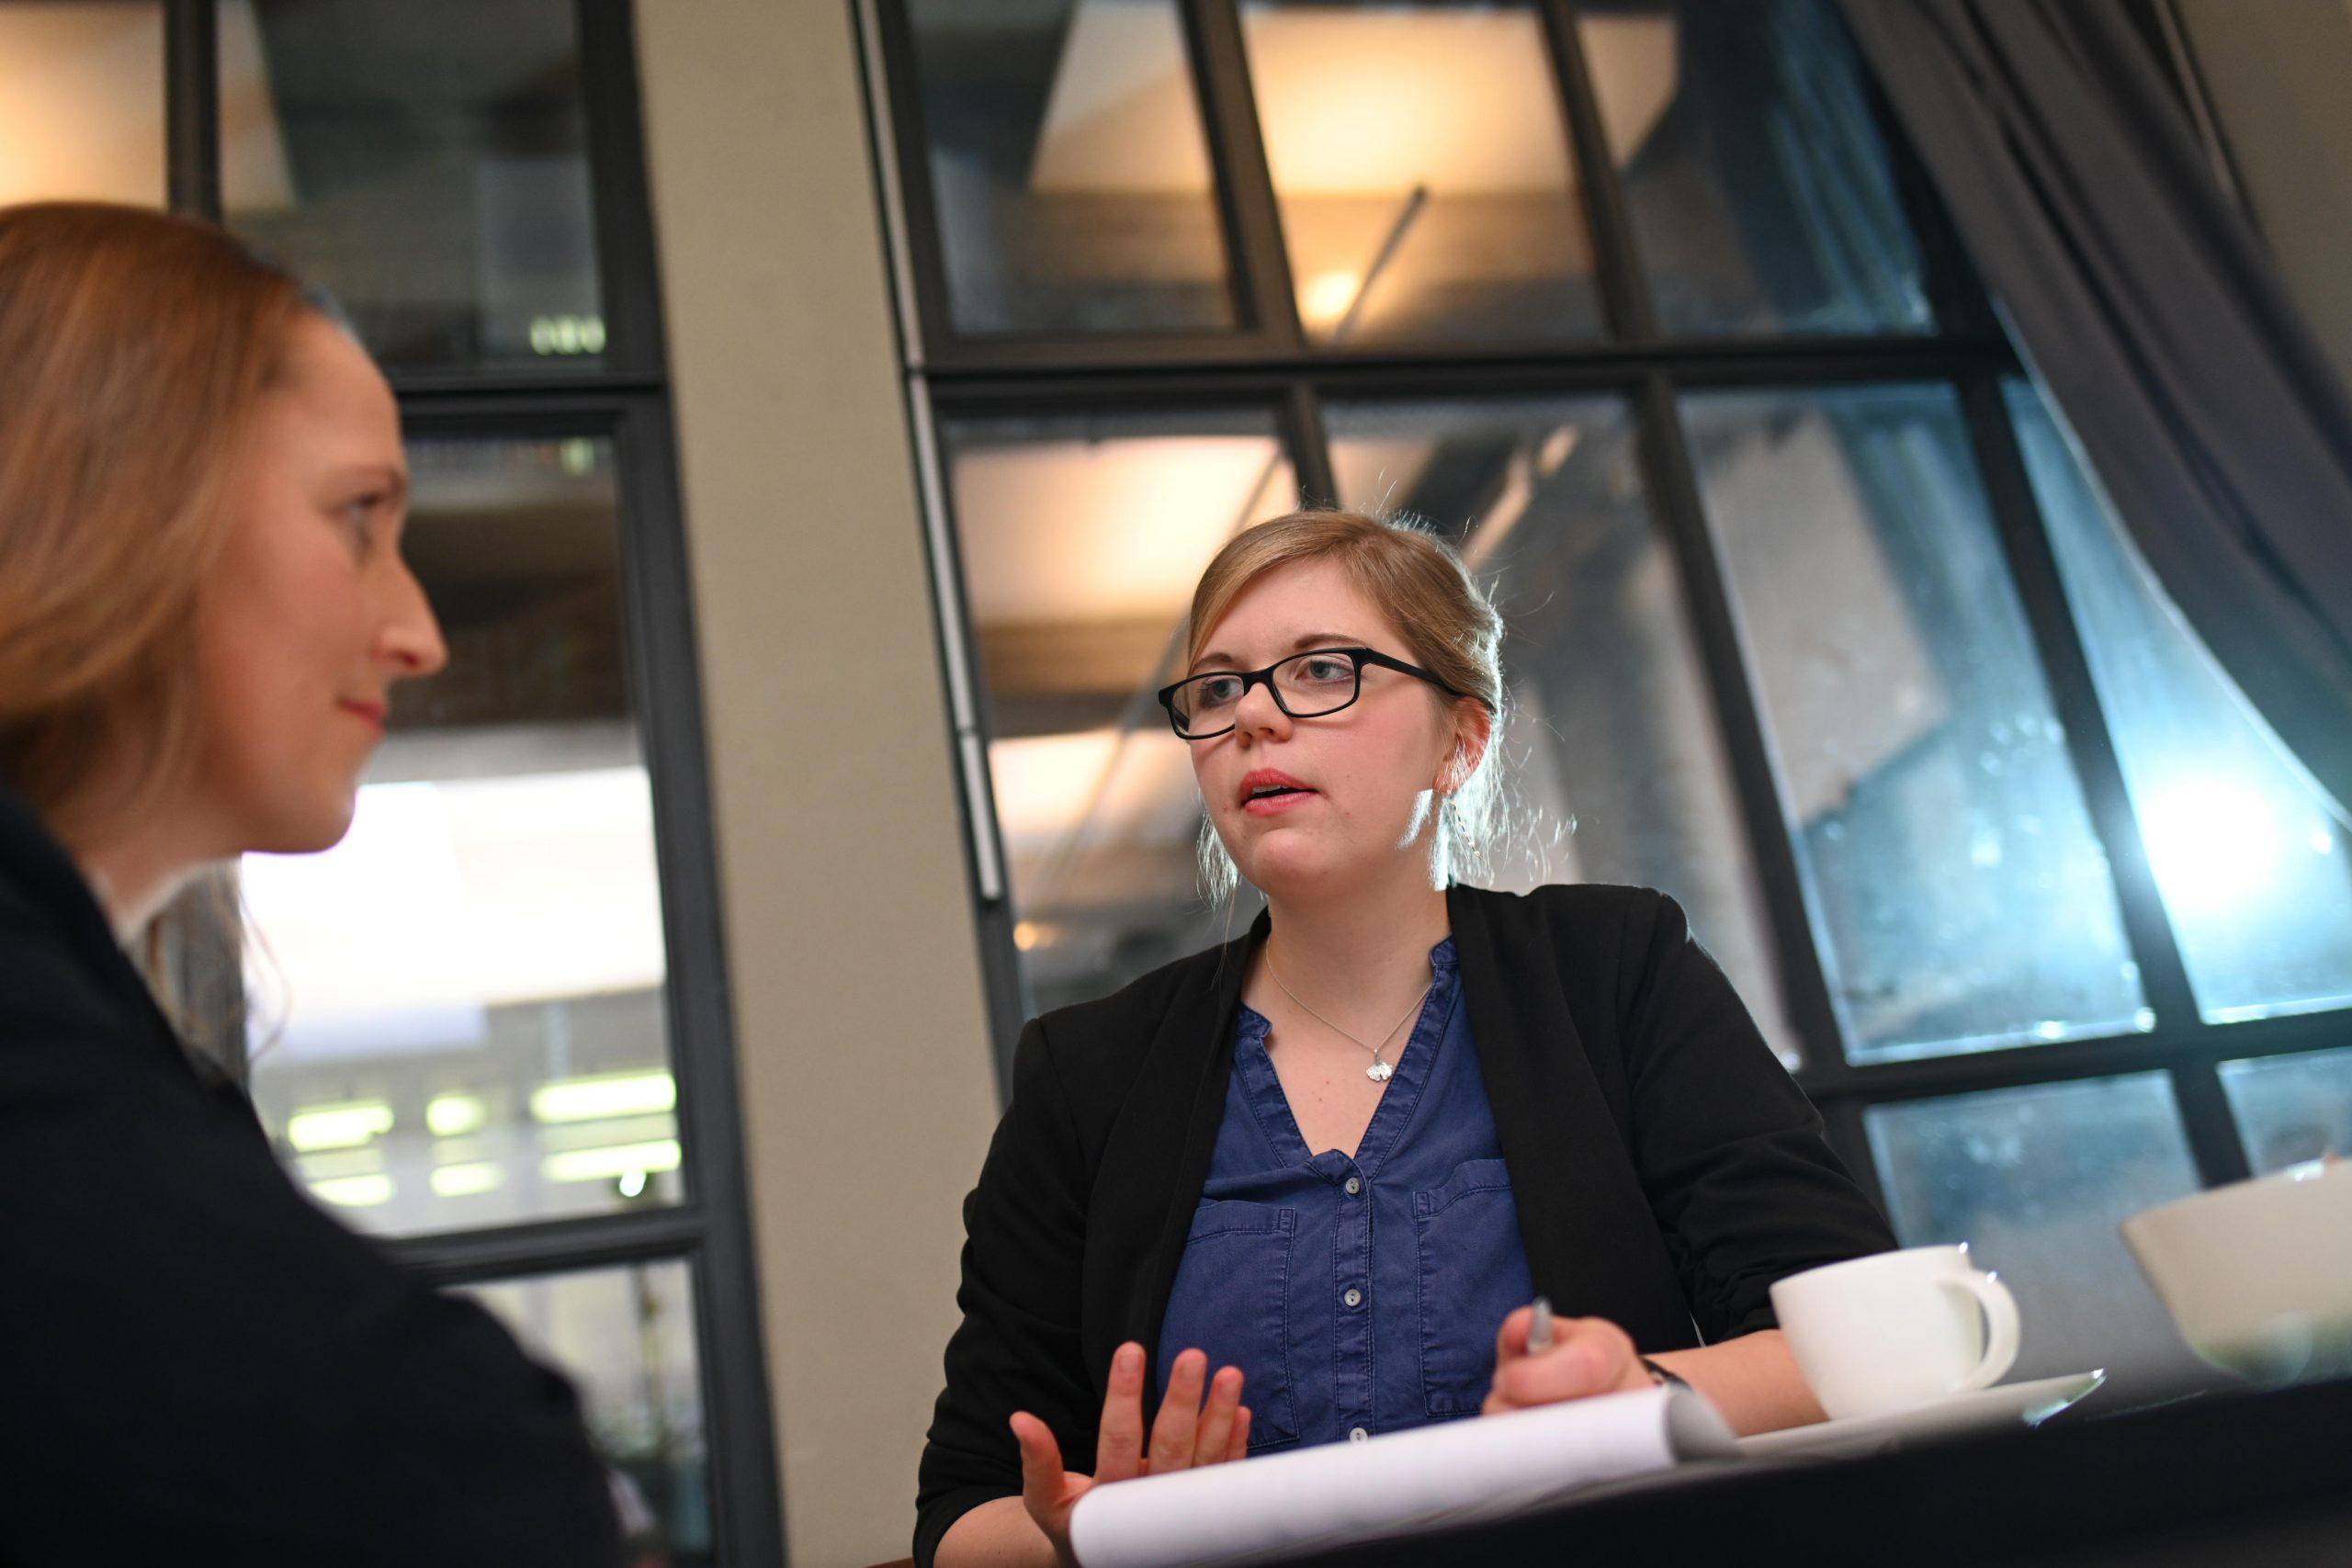 Bewerrber udn Personaler diskutieren Kriterien Personalauswahl